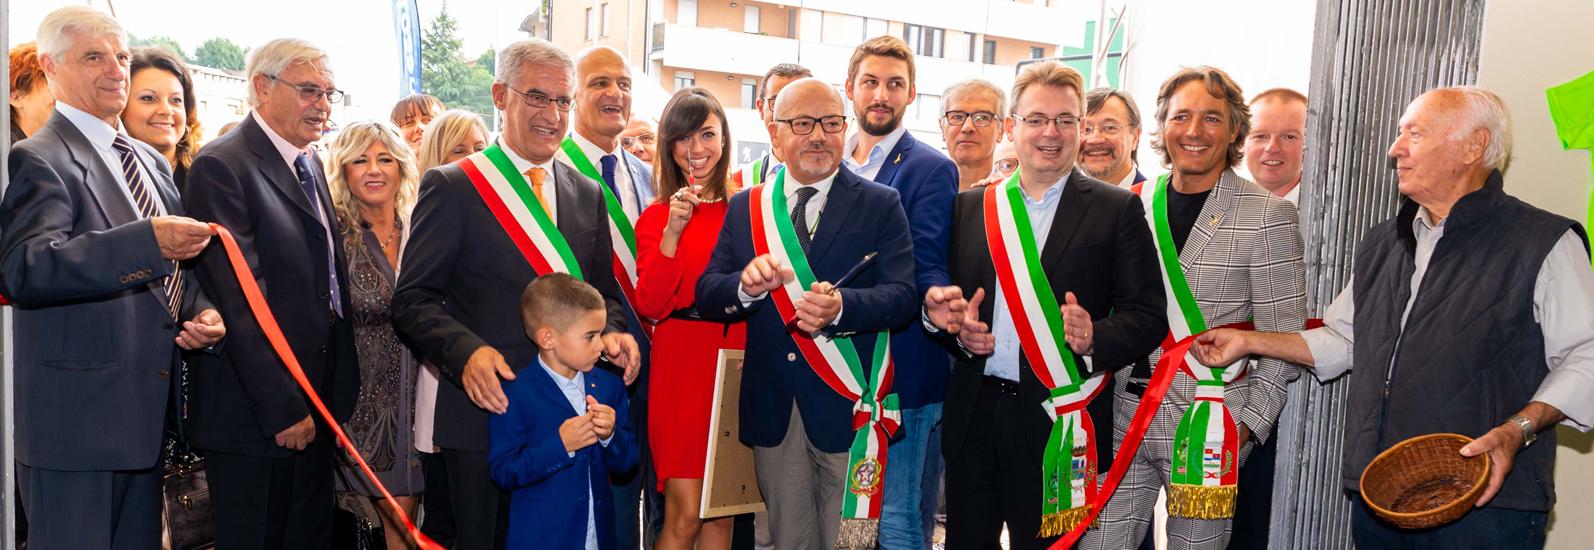 EXPOBRIANZA 2019_inaugurazione_Slide_home_